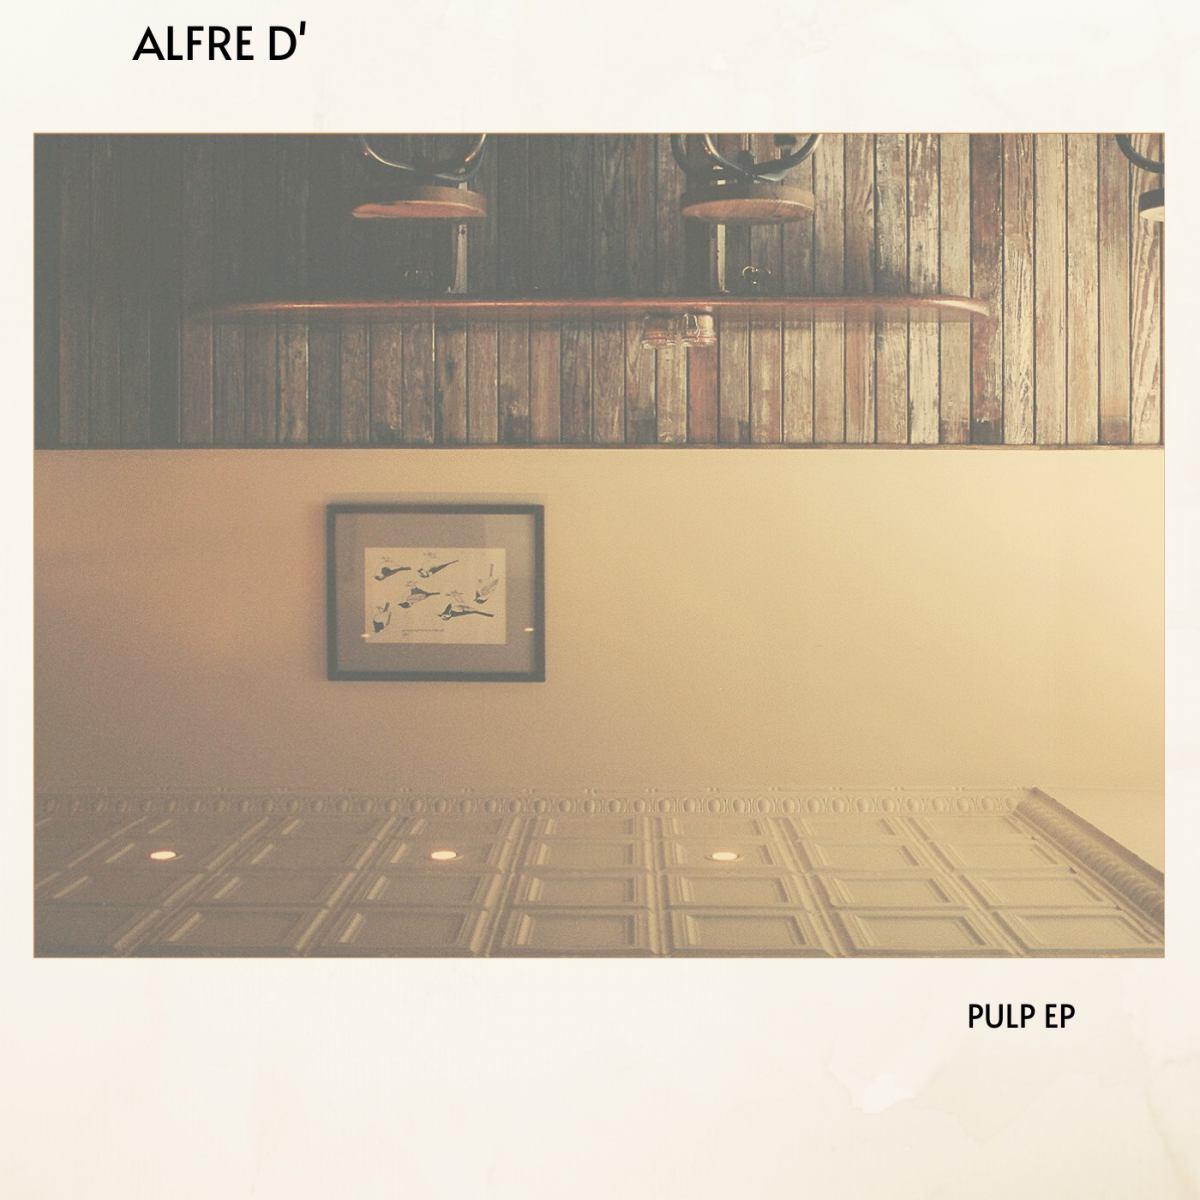 Alfre D' pubblica oggi il suo nuovo progetto Pulp Ep